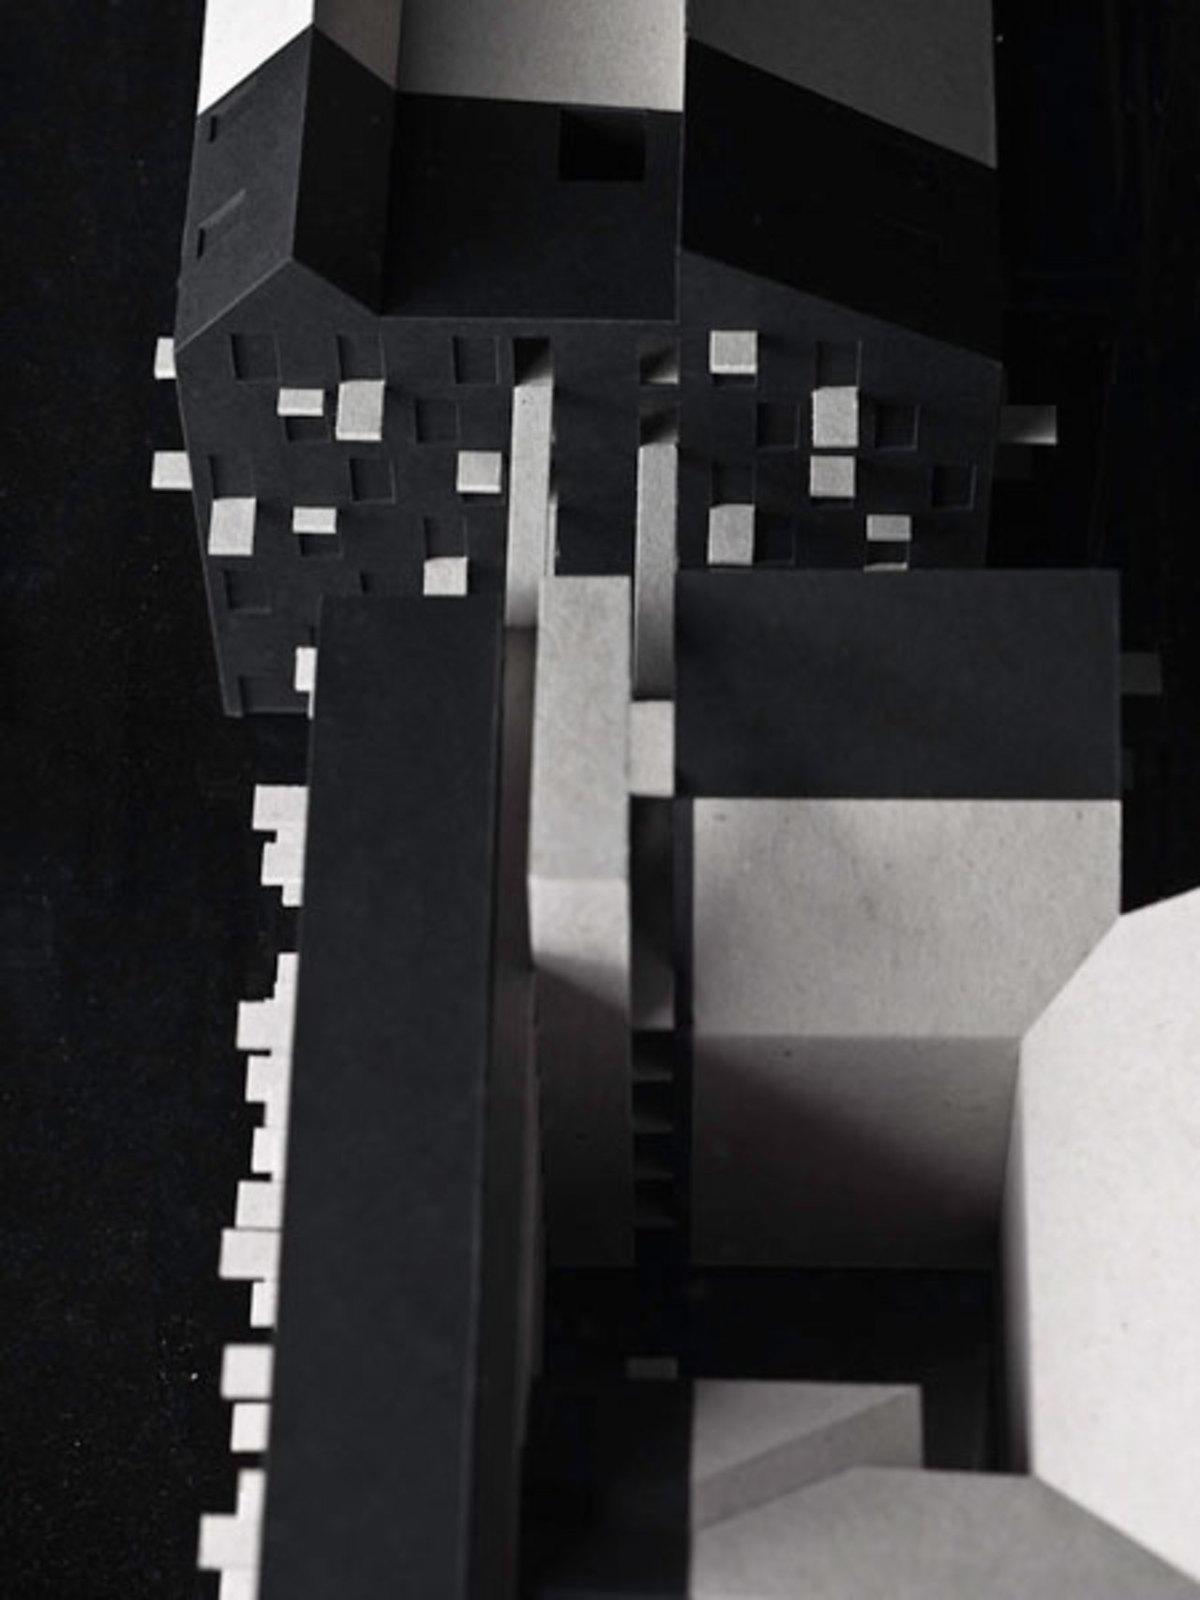 Maquette, parti scure di nuova costruzione